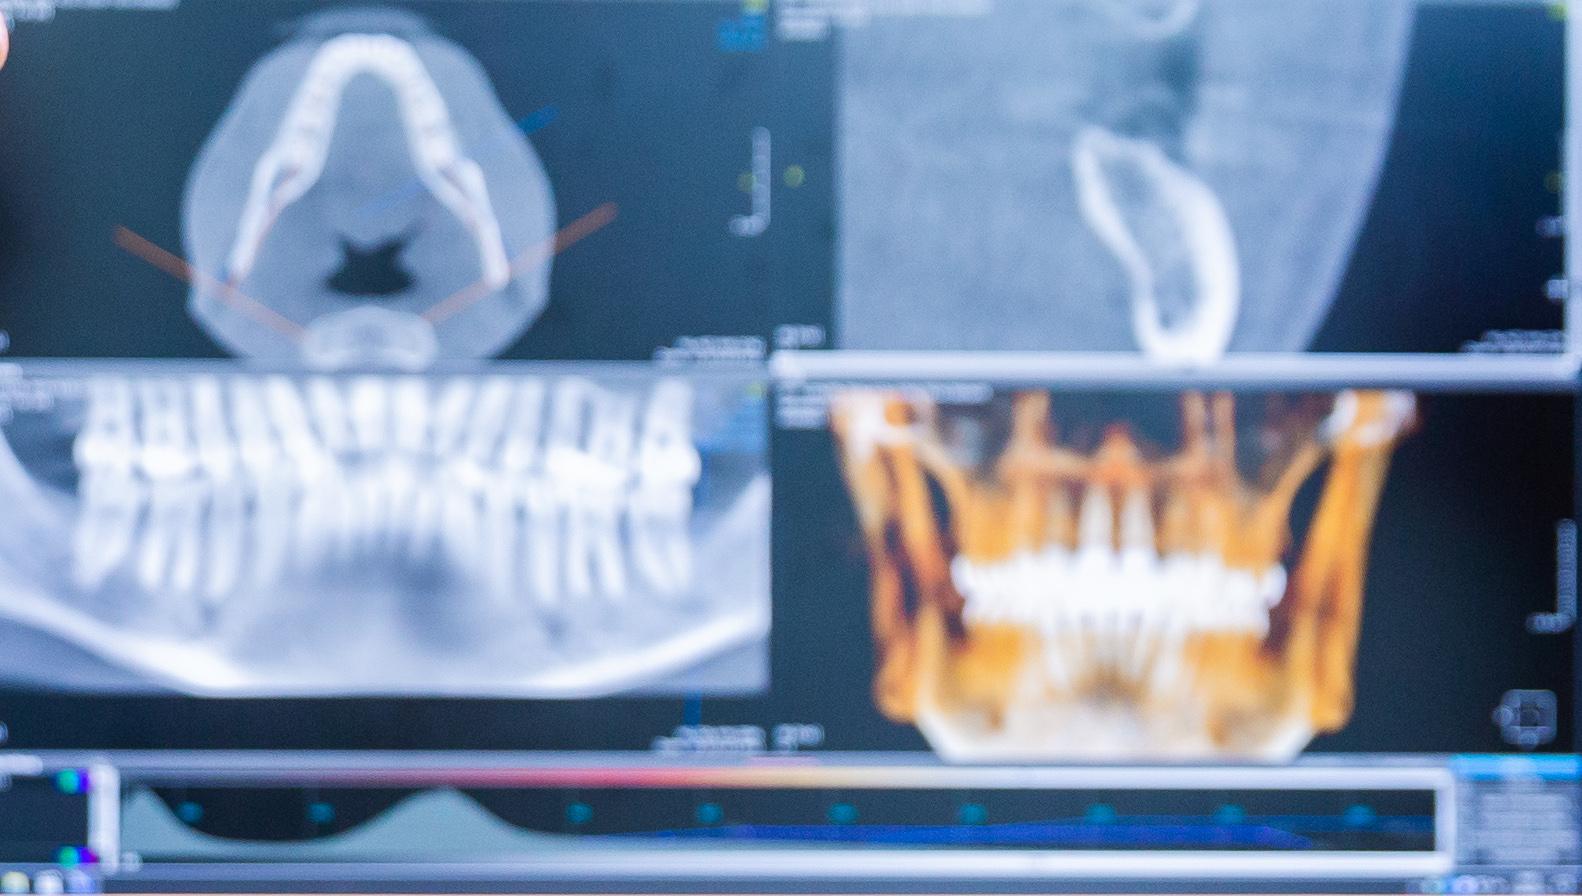 Beispiel eines 3D-Röntgenbildes